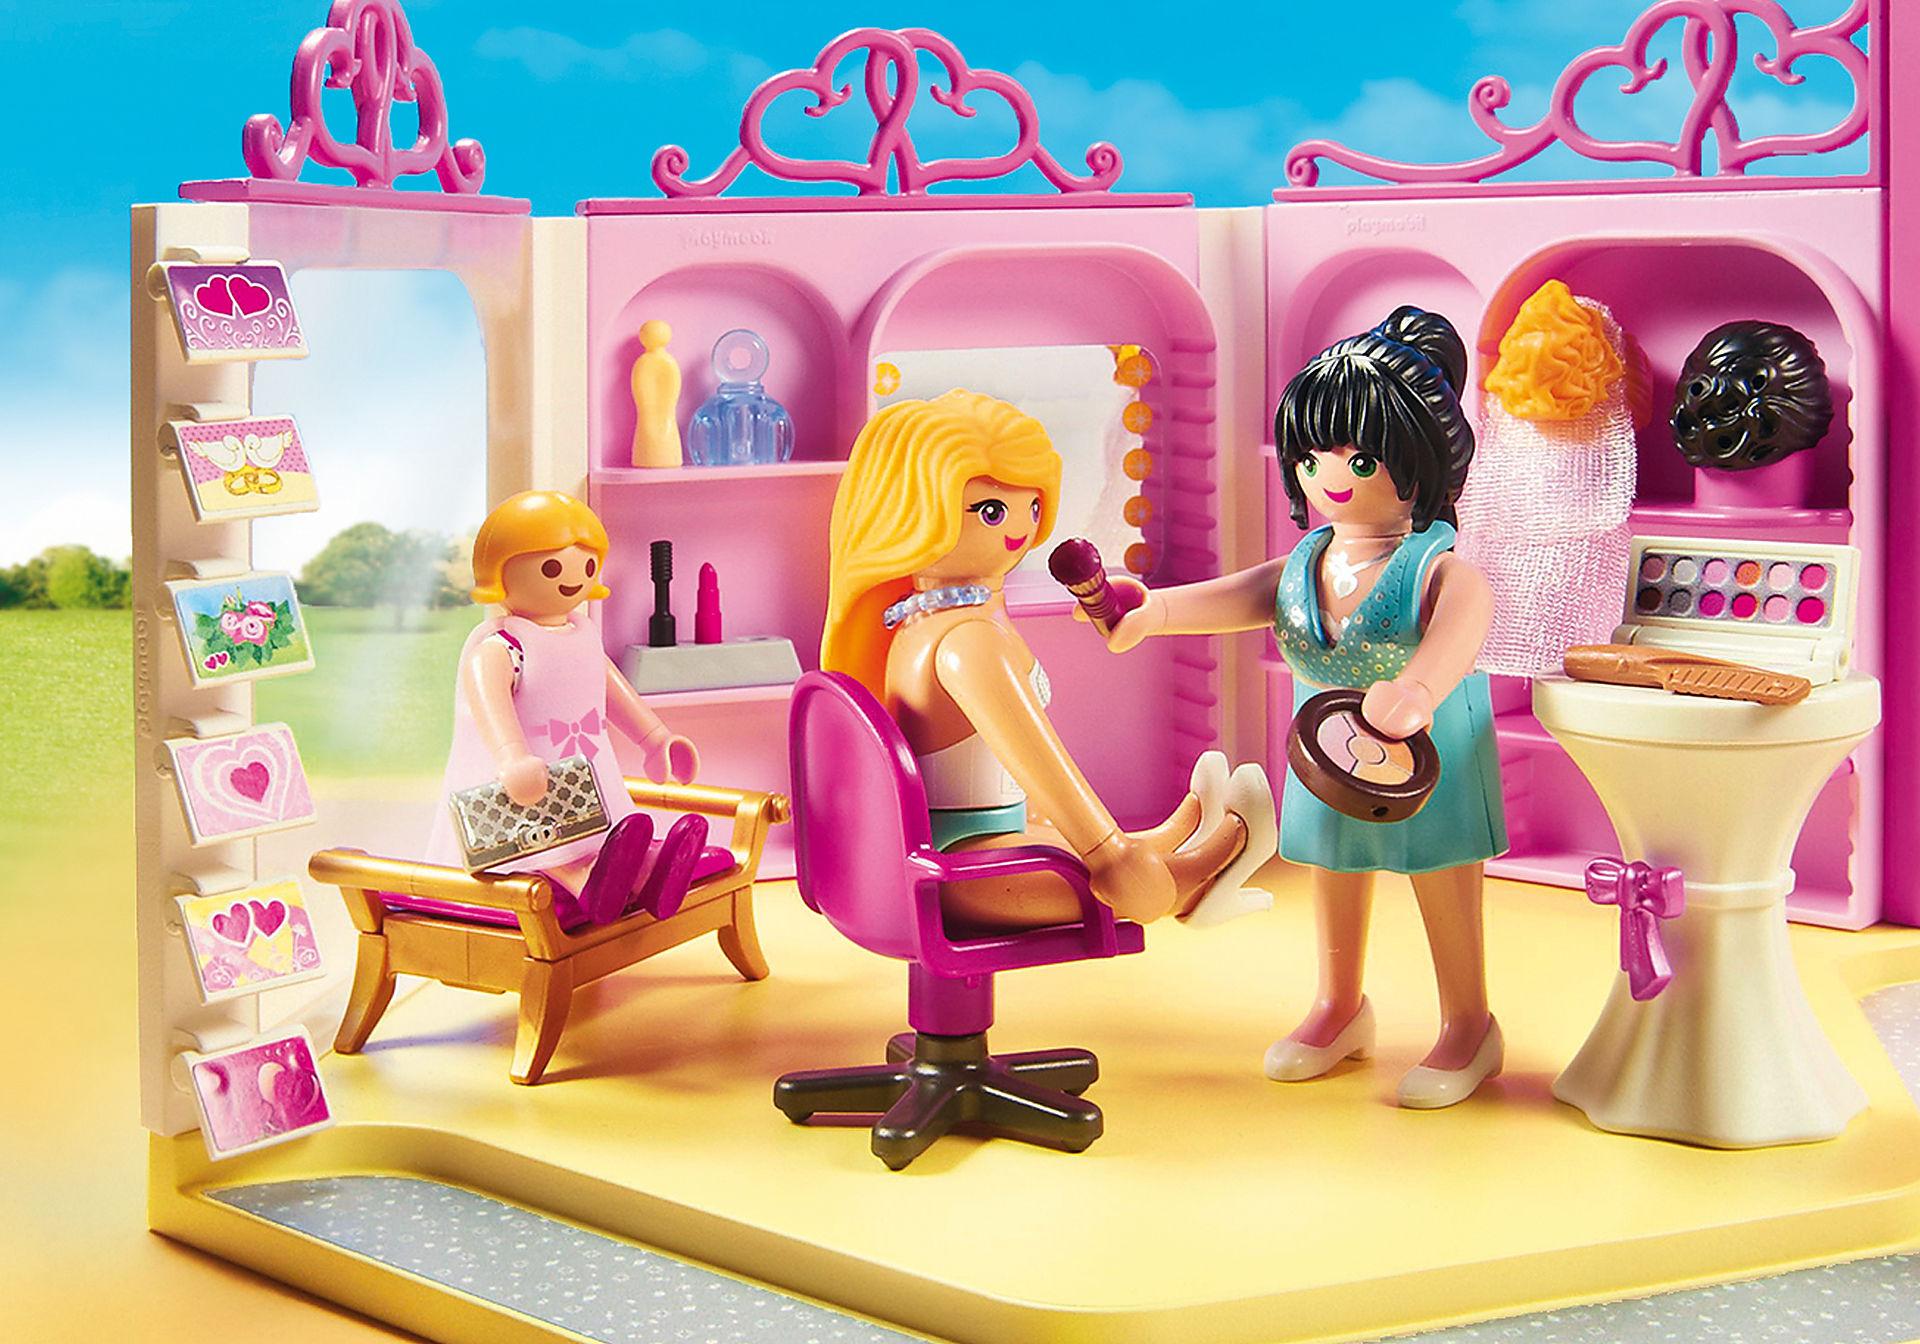 http://media.playmobil.com/i/playmobil/9226_product_extra1/Loja de Noivas